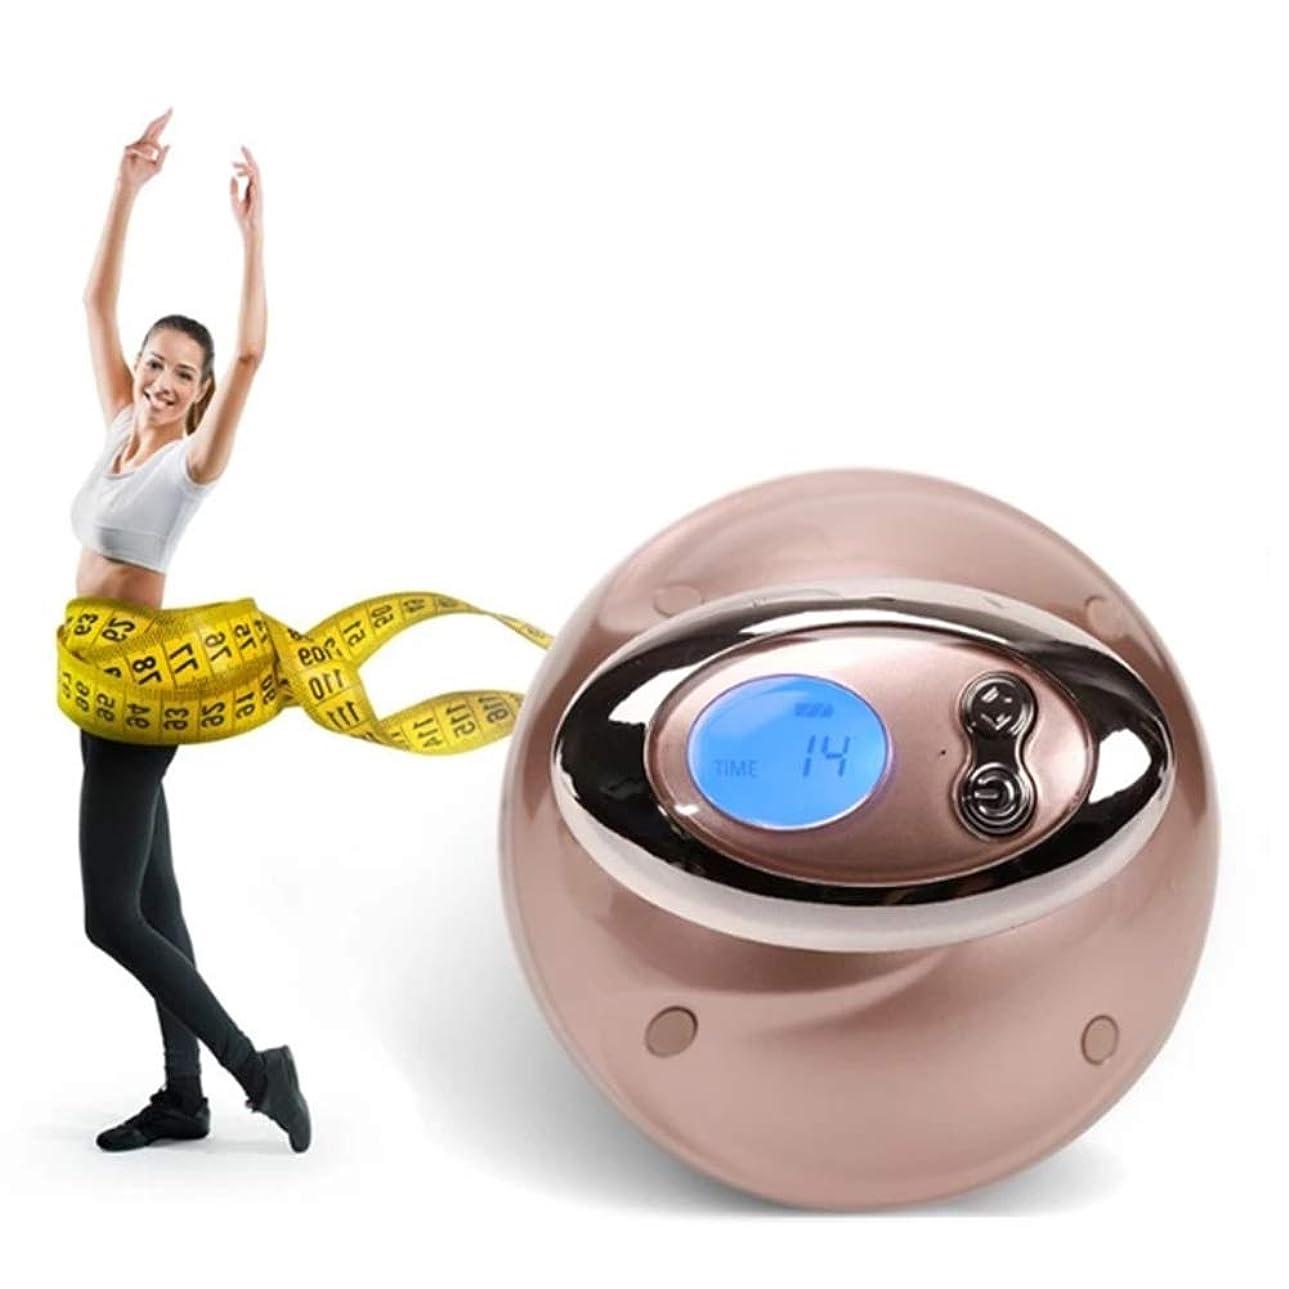 空のサイズキノコ脂肪除去機、セルライト低減肌引き締め装置、ボディ痩身マッサージ、肌引き締め、減量超音波減量、EMS赤外線光振動超音波